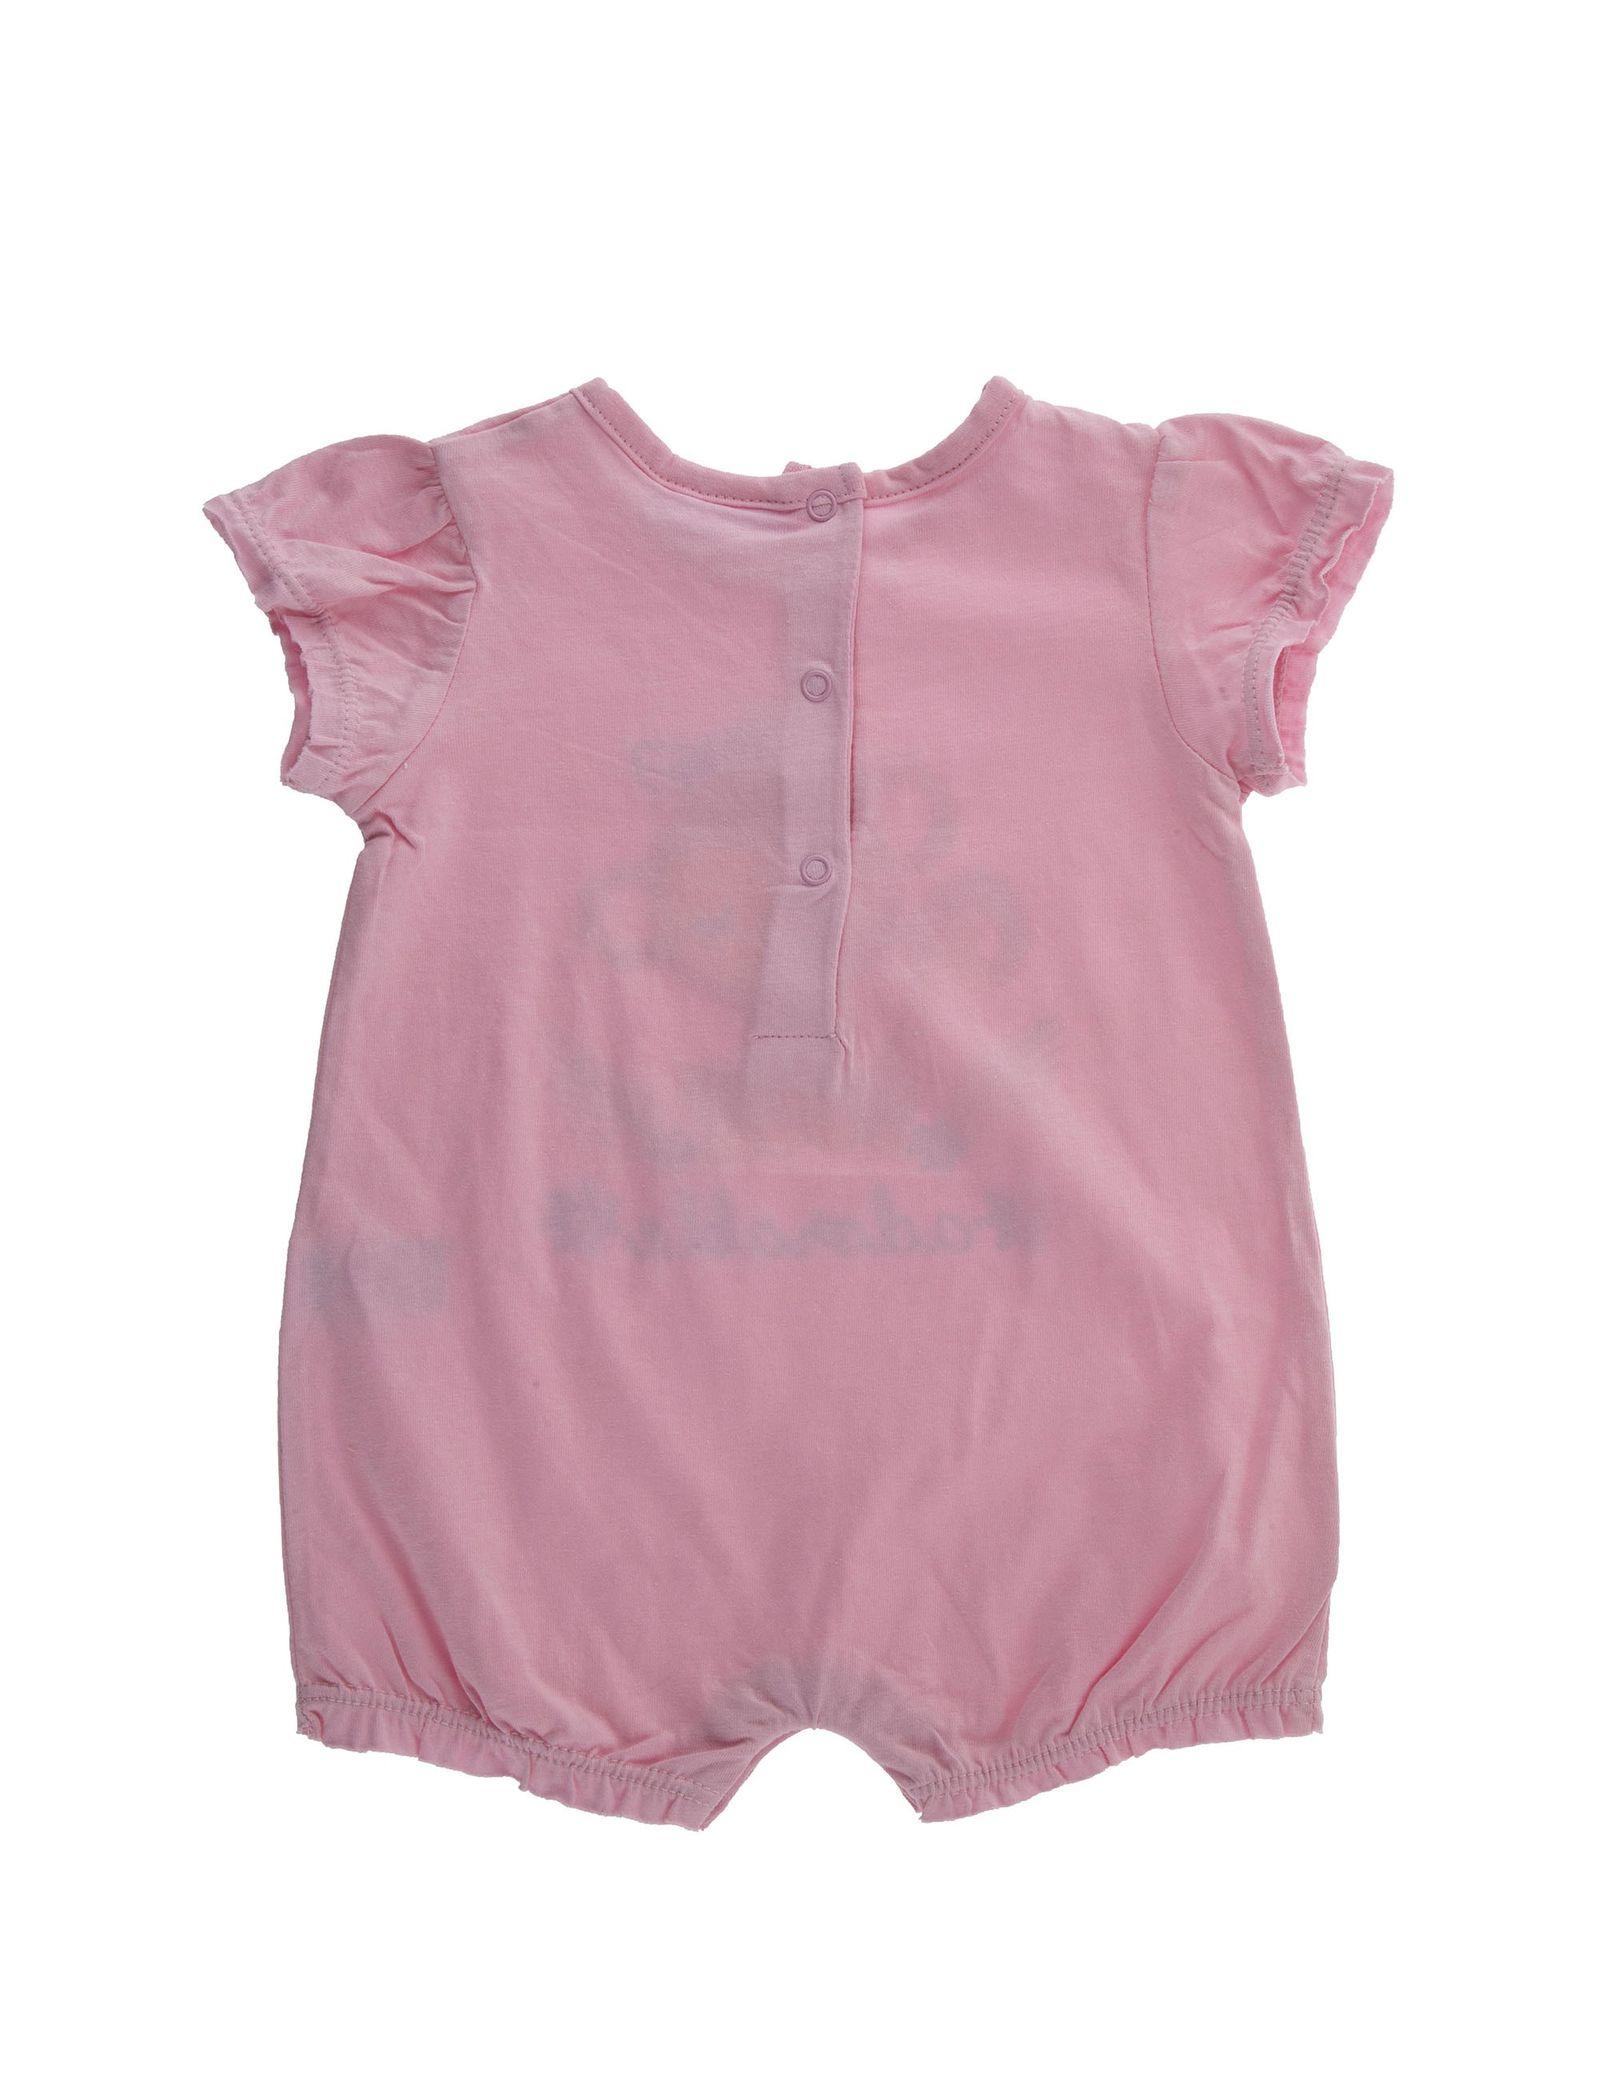 سرهمی نخی ساده نوزادی دخترانه بسته 2 عددی - بلوکیدز - صورتي / سفيد - 3